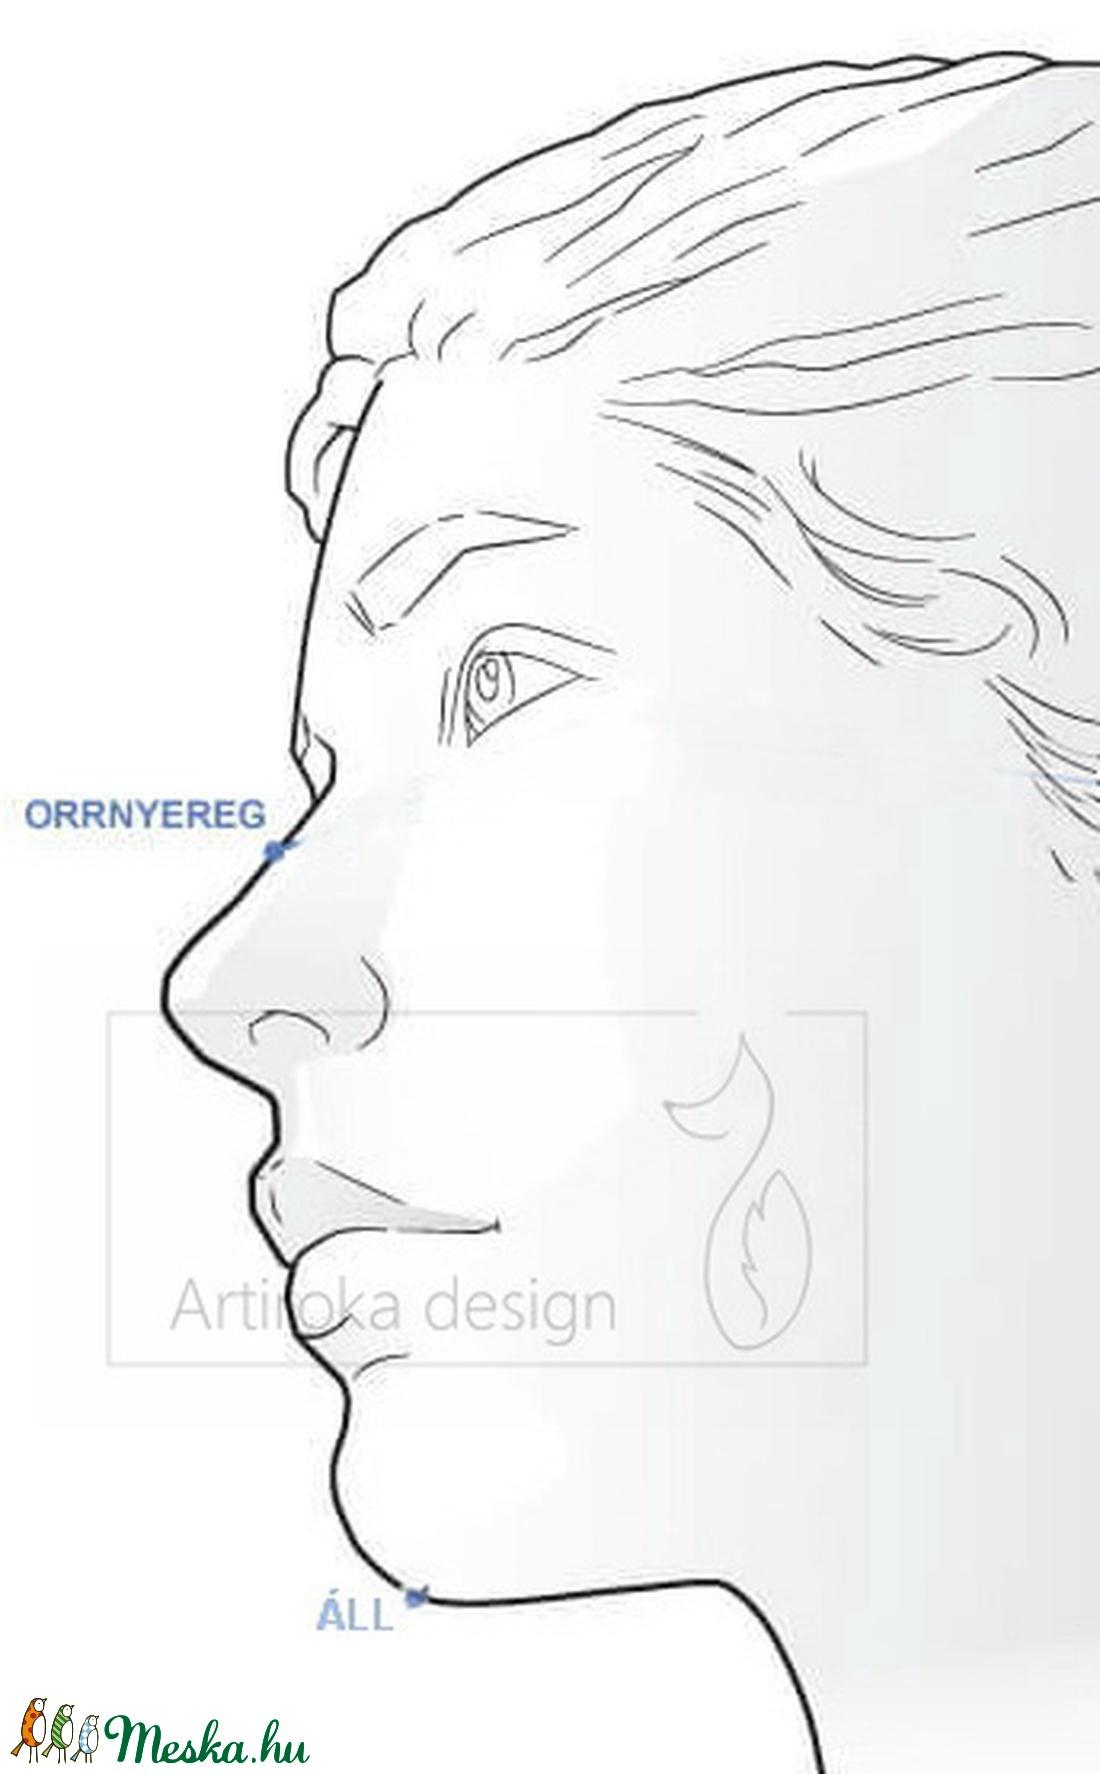 Mancs őrjárat mintás prémium arcmaszk, szájmaszk, maszk  - Artiroka design - maszk, arcmaszk - gyerek - Meska.hu